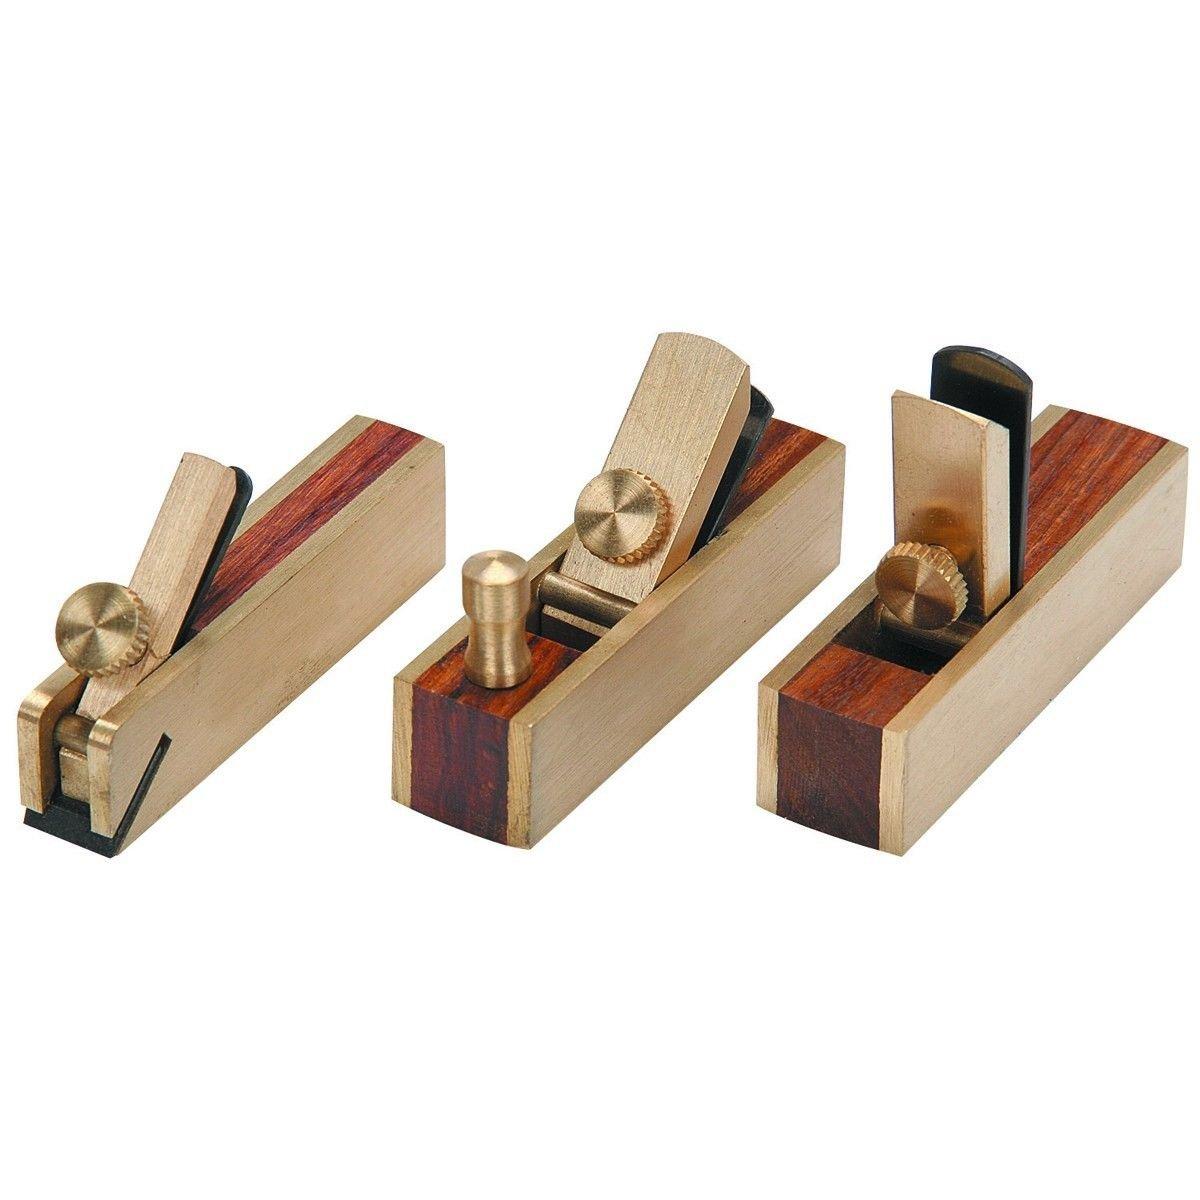 Micro Mini Brass Hand Plane Set Wood Finish Planer Hobby Craft